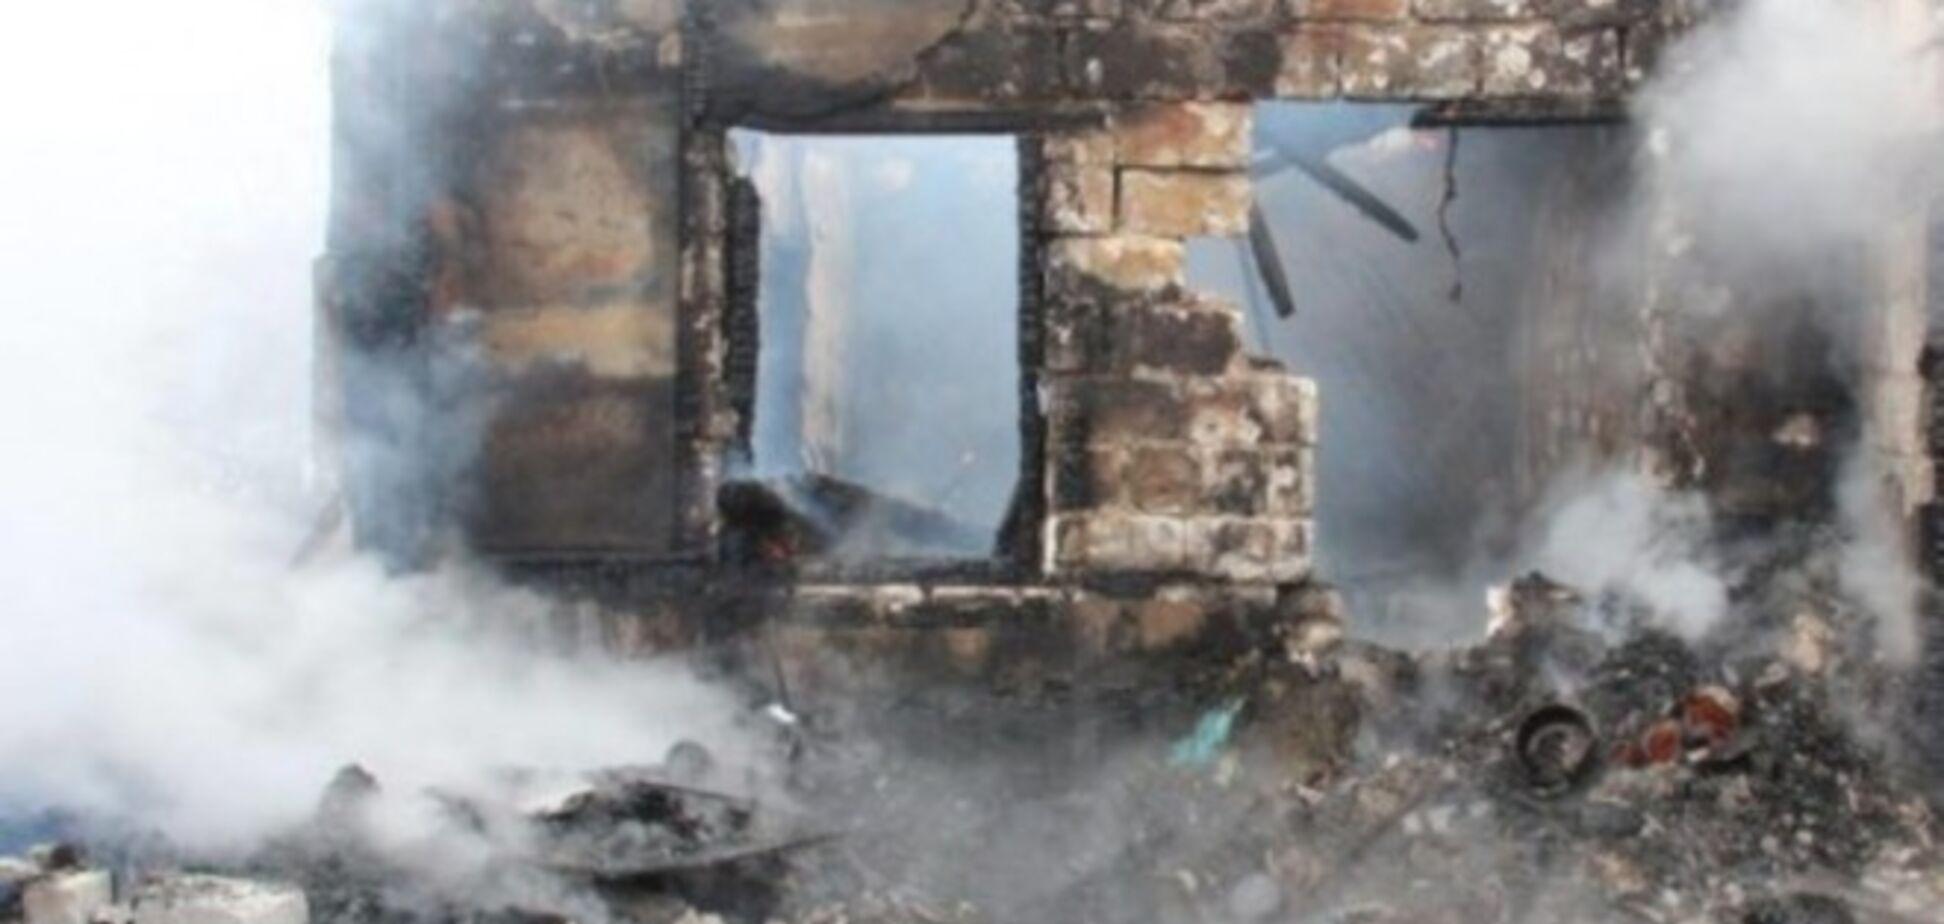 Боевики нанесли жестокий артудар по Дебальцево: среди погибших двое пожилых людей и ребенок